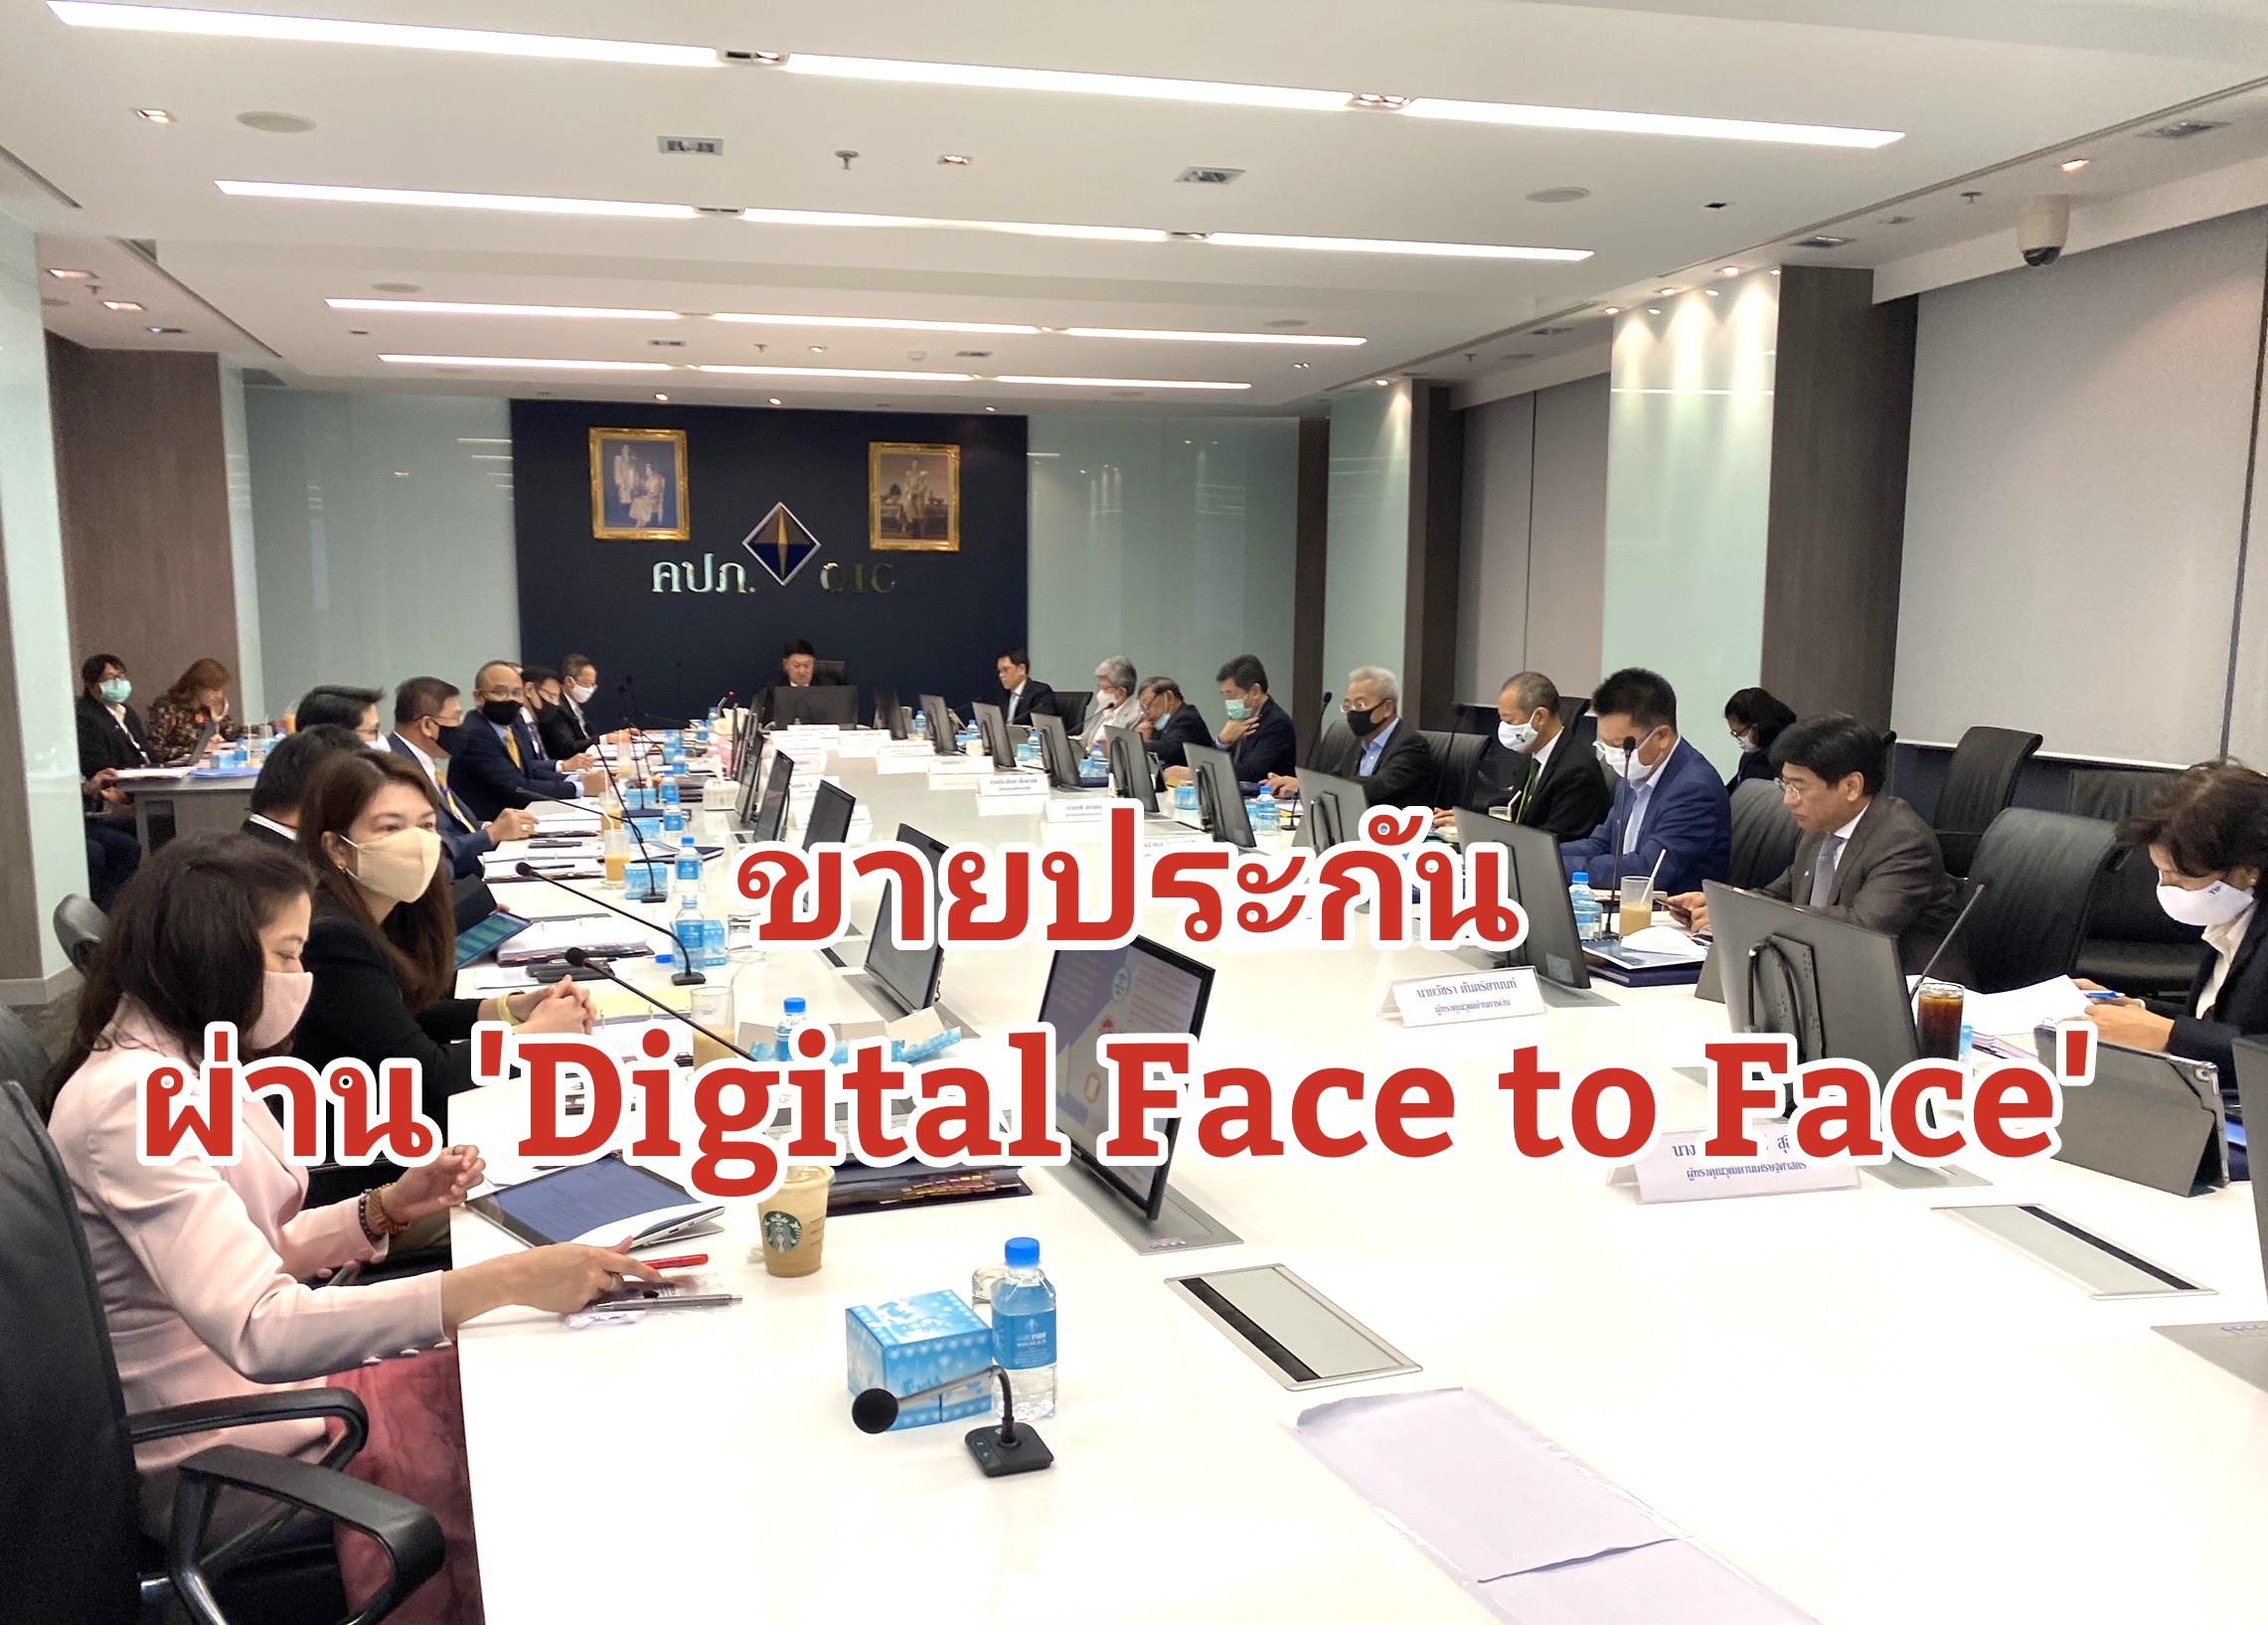 คปภ. ประกาศ เปิดช่องทางขายผ่าน 'Digital Face to Face' เป็นการถาวร